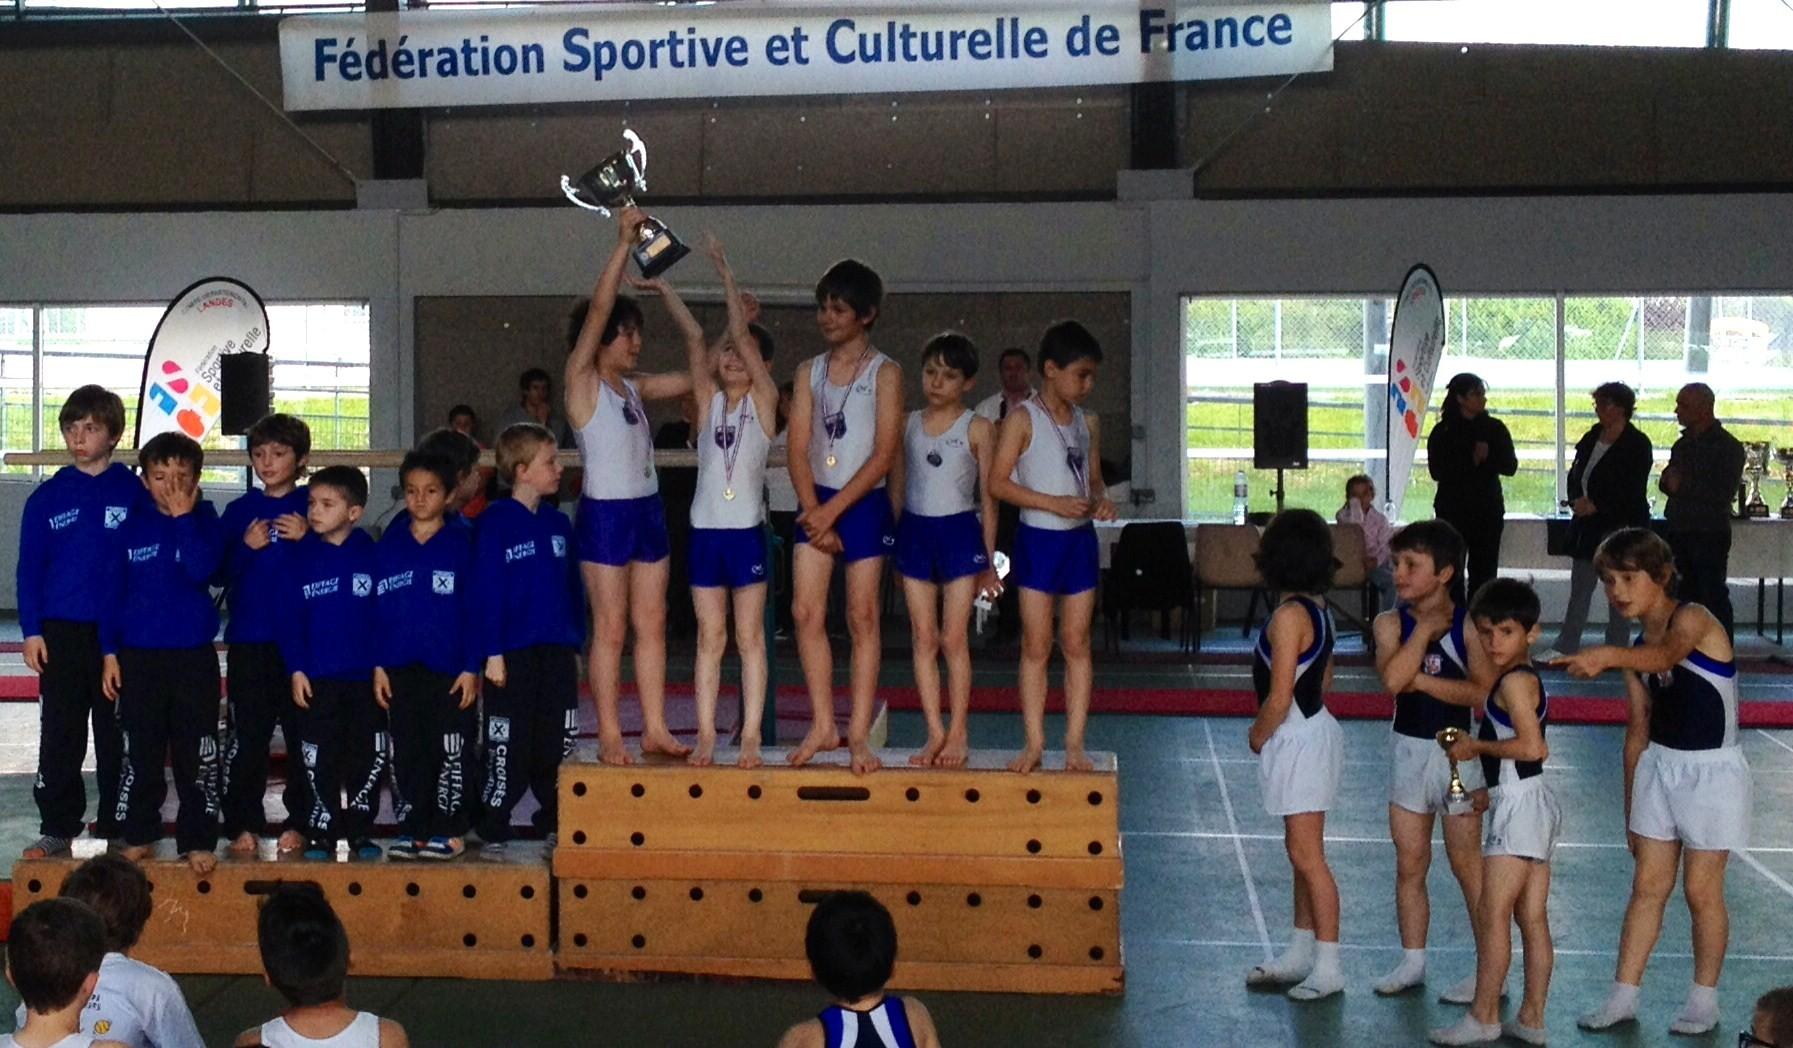 Podium Classement Général Saison Poussins:1er Jeanne d'Arc de Dax, 2ème Croisés de Bayonne, 3ème Ecureuils de Soustons